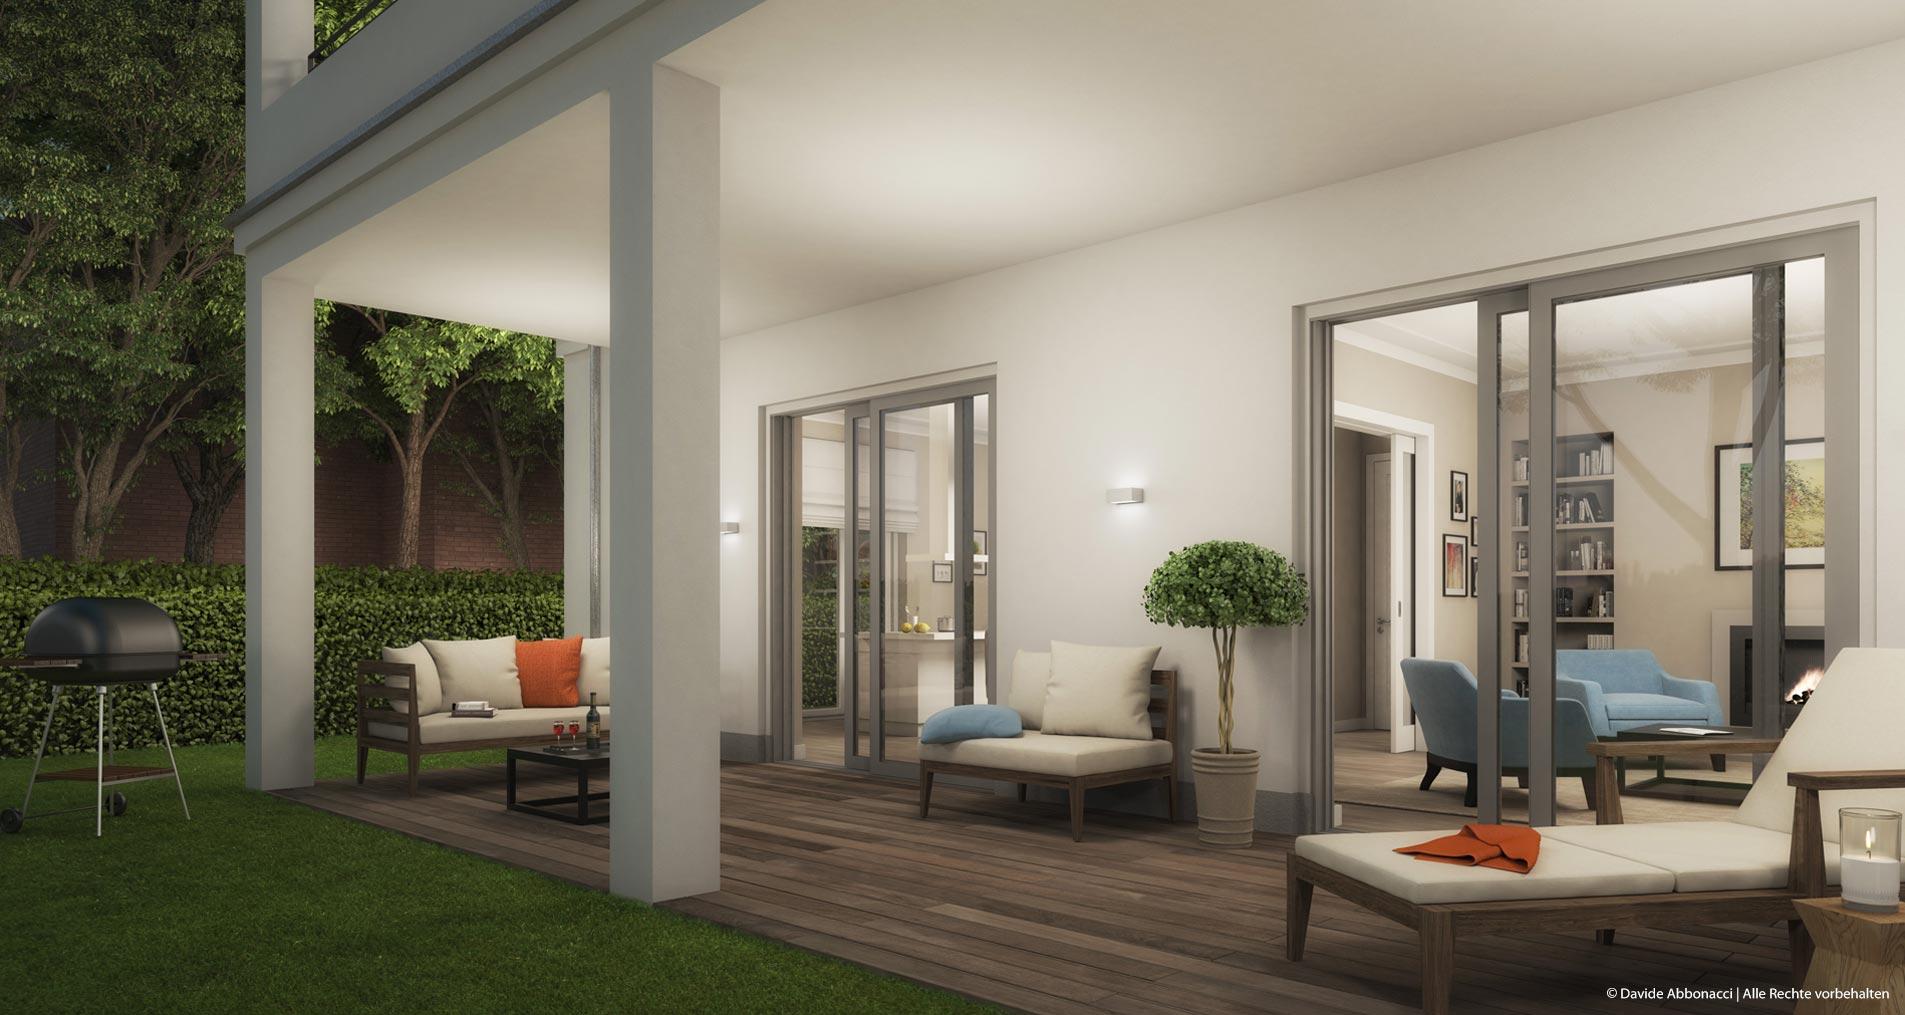 Neubau Villa, Auguste-Viktoria-Straße, Berlin | Wiegand Hoffmann Architekten - PRIMUS Immobilien AG | 2016 Visualisierung für Immobilienmarketing